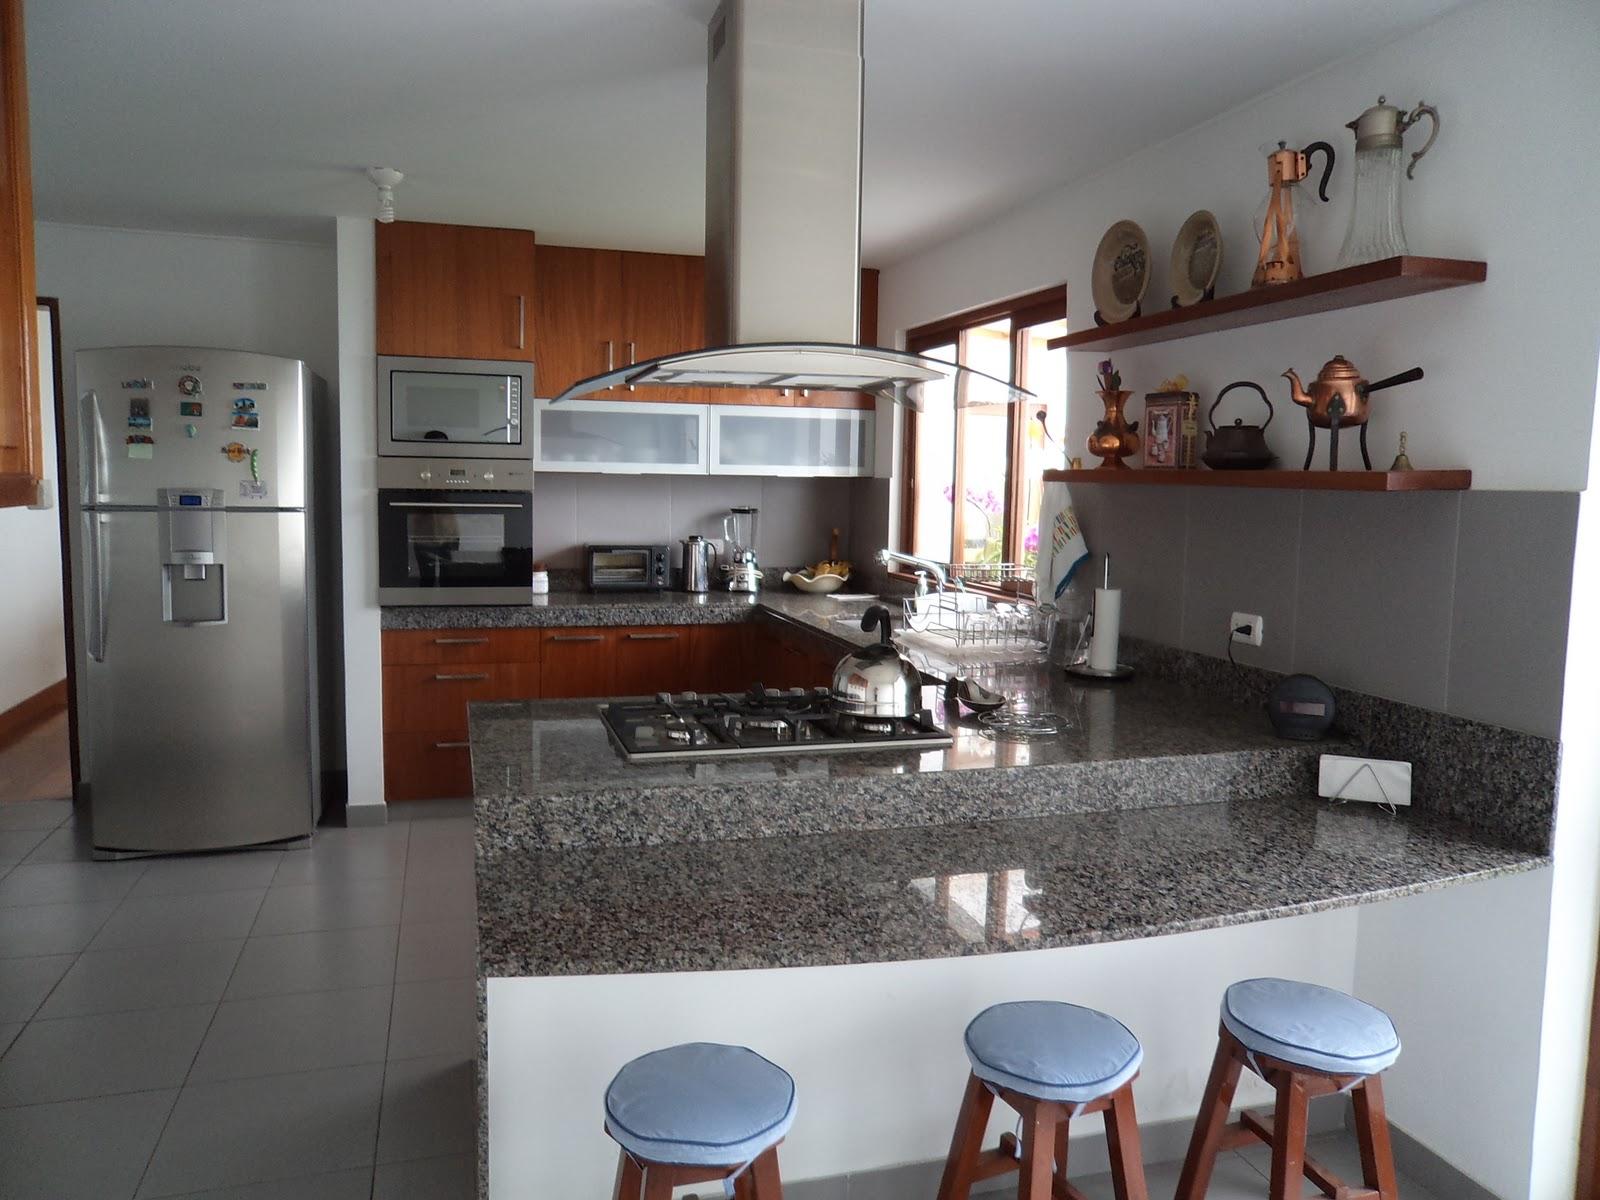 oniria antes y despu s remodelacion de cocina ForRemodelacion De Cocinas Pequenas